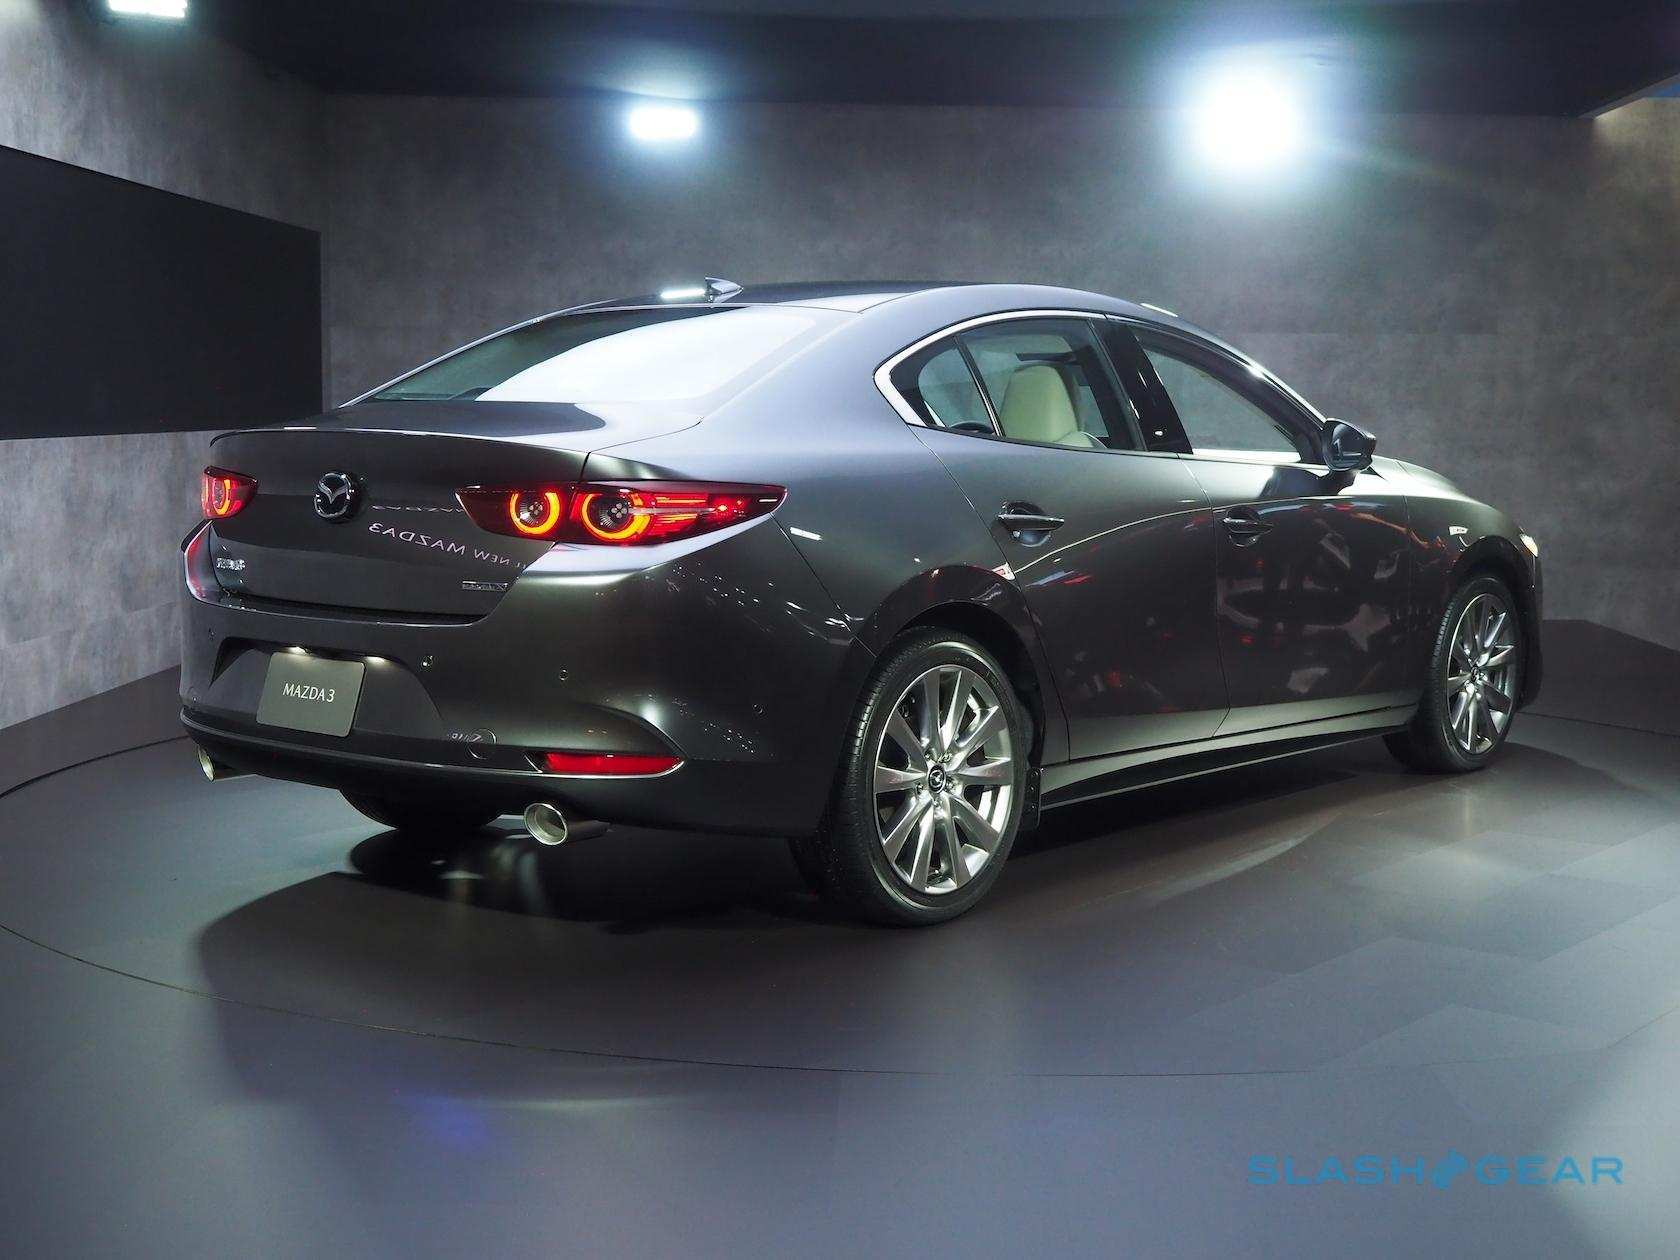 17 New Mazda Skyactiv 2020 Rumors with Mazda Skyactiv 2020